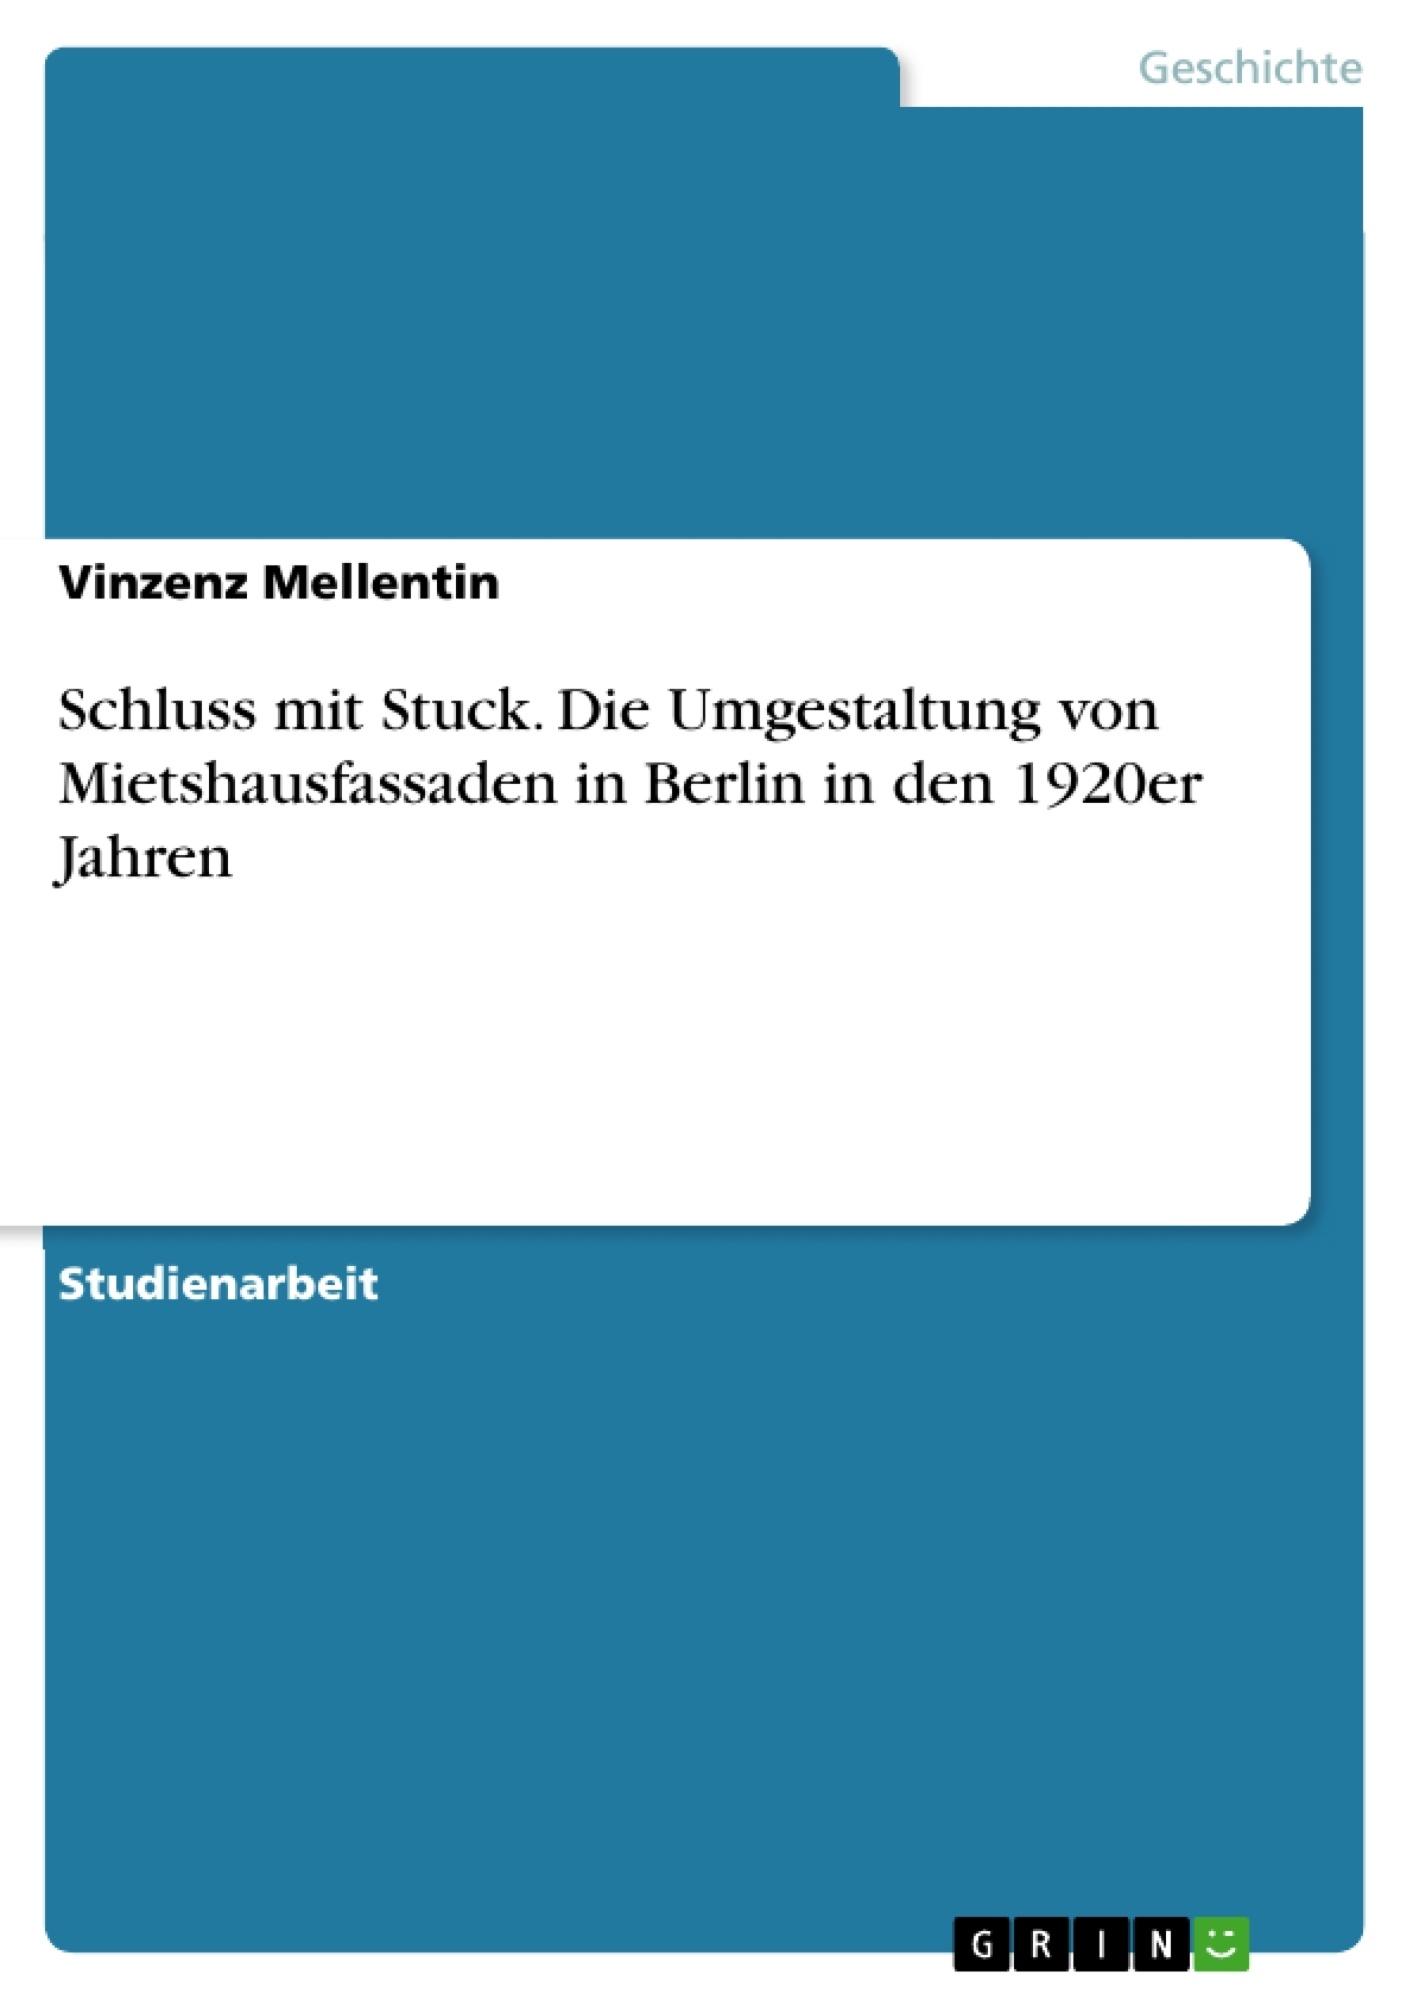 Titel: Schluss mit Stuck. Die Umgestaltung von Mietshausfassaden in Berlin in den 1920er Jahren